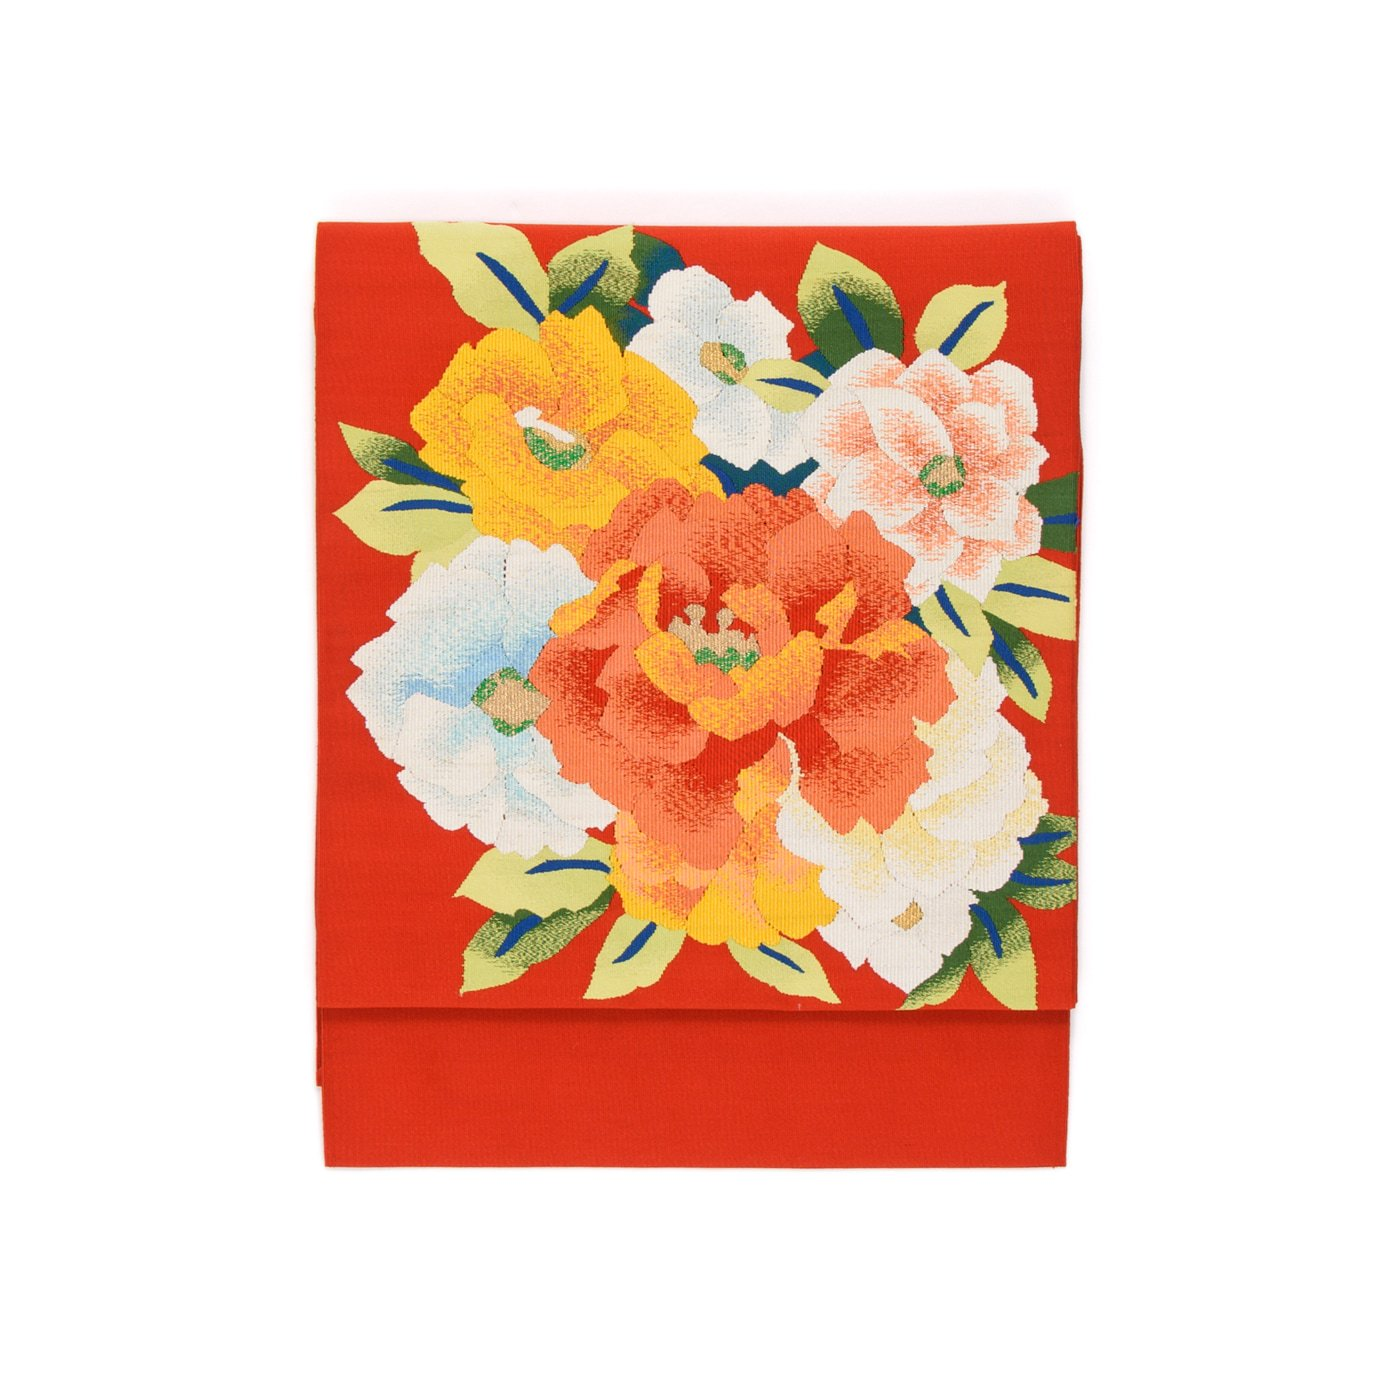 「大きな花束 綴れ」の商品画像